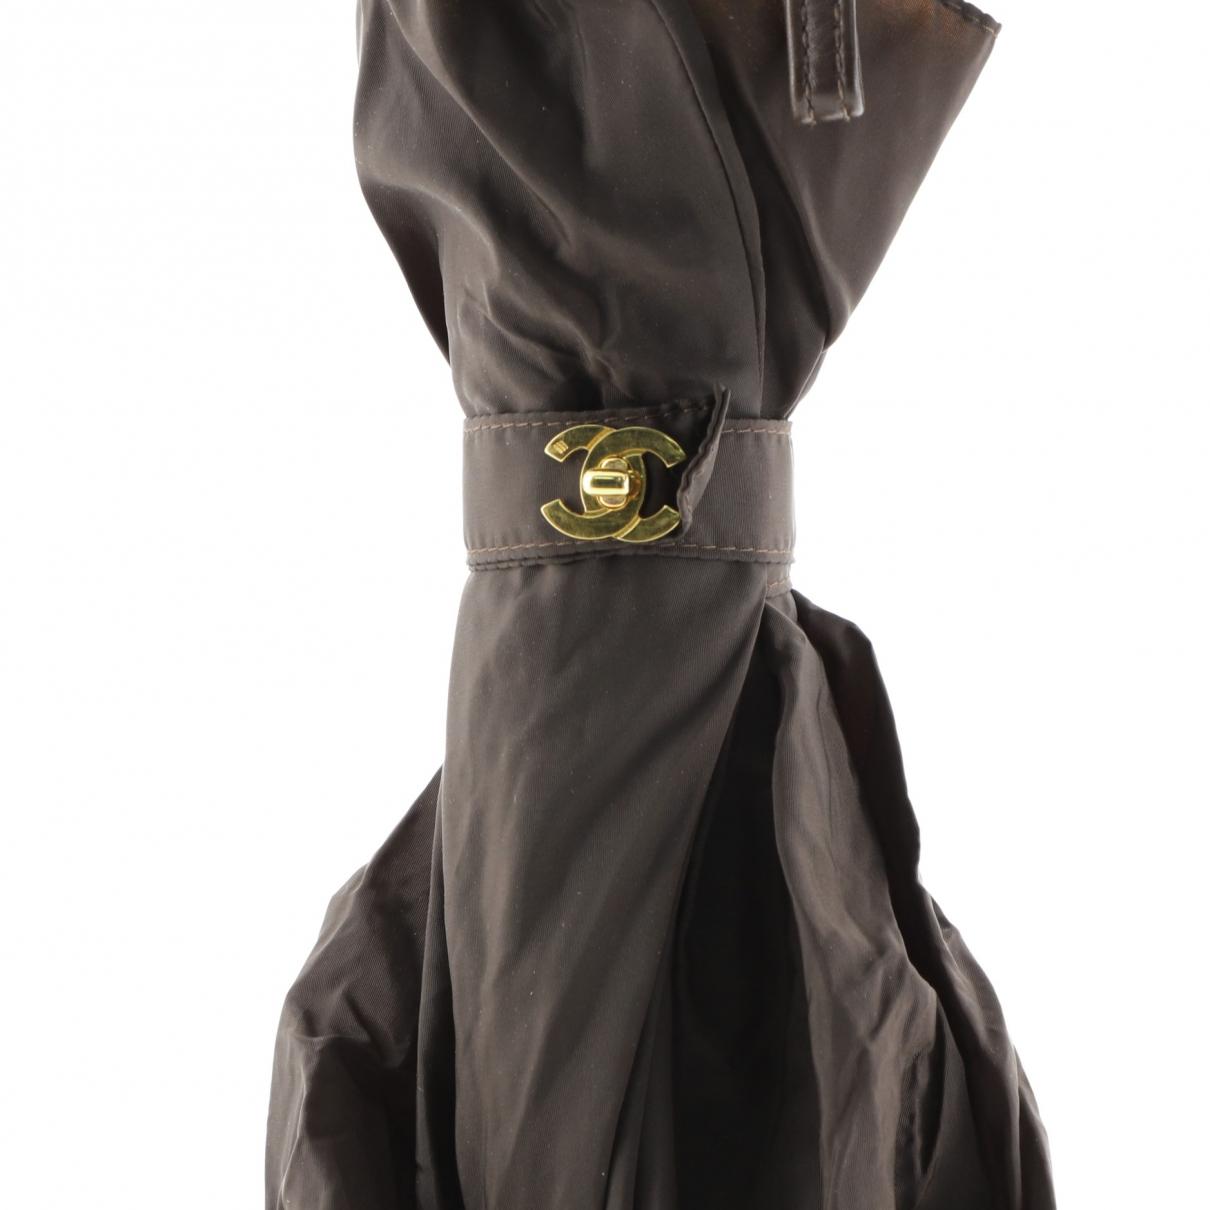 Paraguas de Cuero Chanel